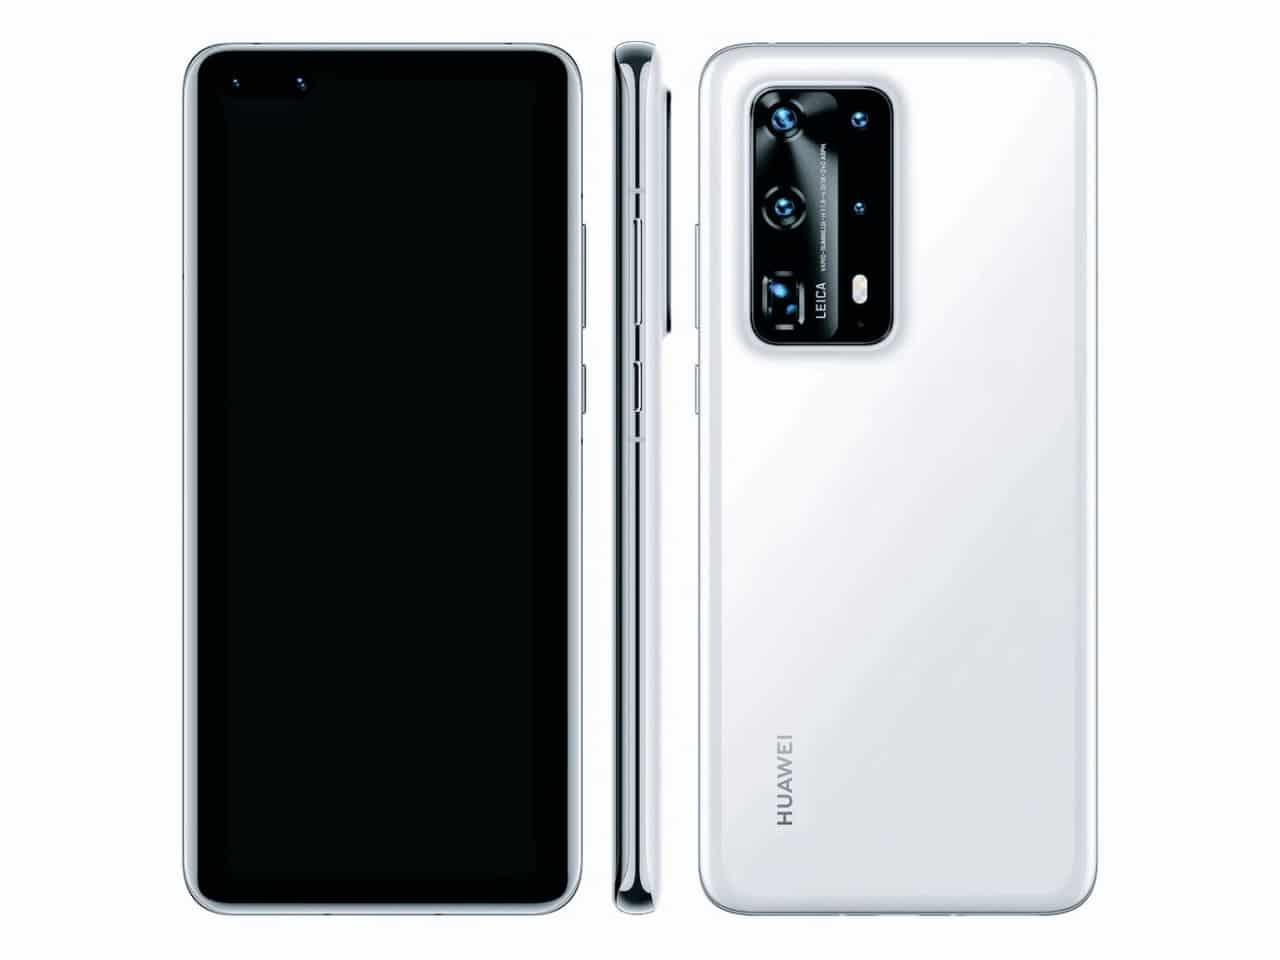 """Le modèle phare de Huawei à 8 caméras s'appellera """"Huawei P40 Pro Plus 5G"""""""